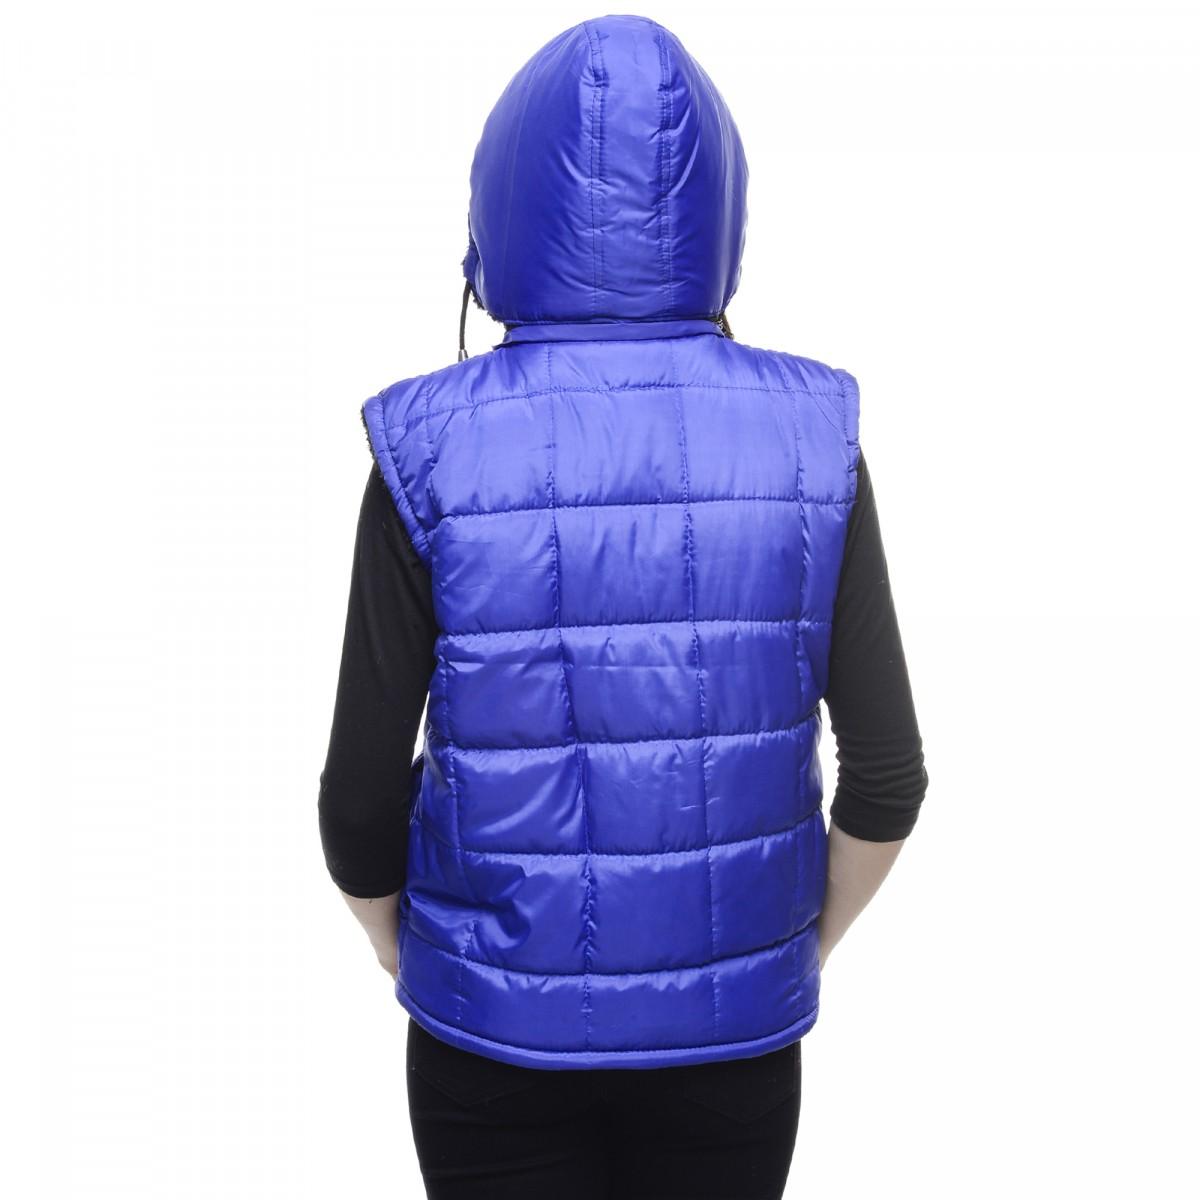 acheter populaire e4f09 a0535 Images Gratuites : homme, la personne, femme, sport, cuir ...